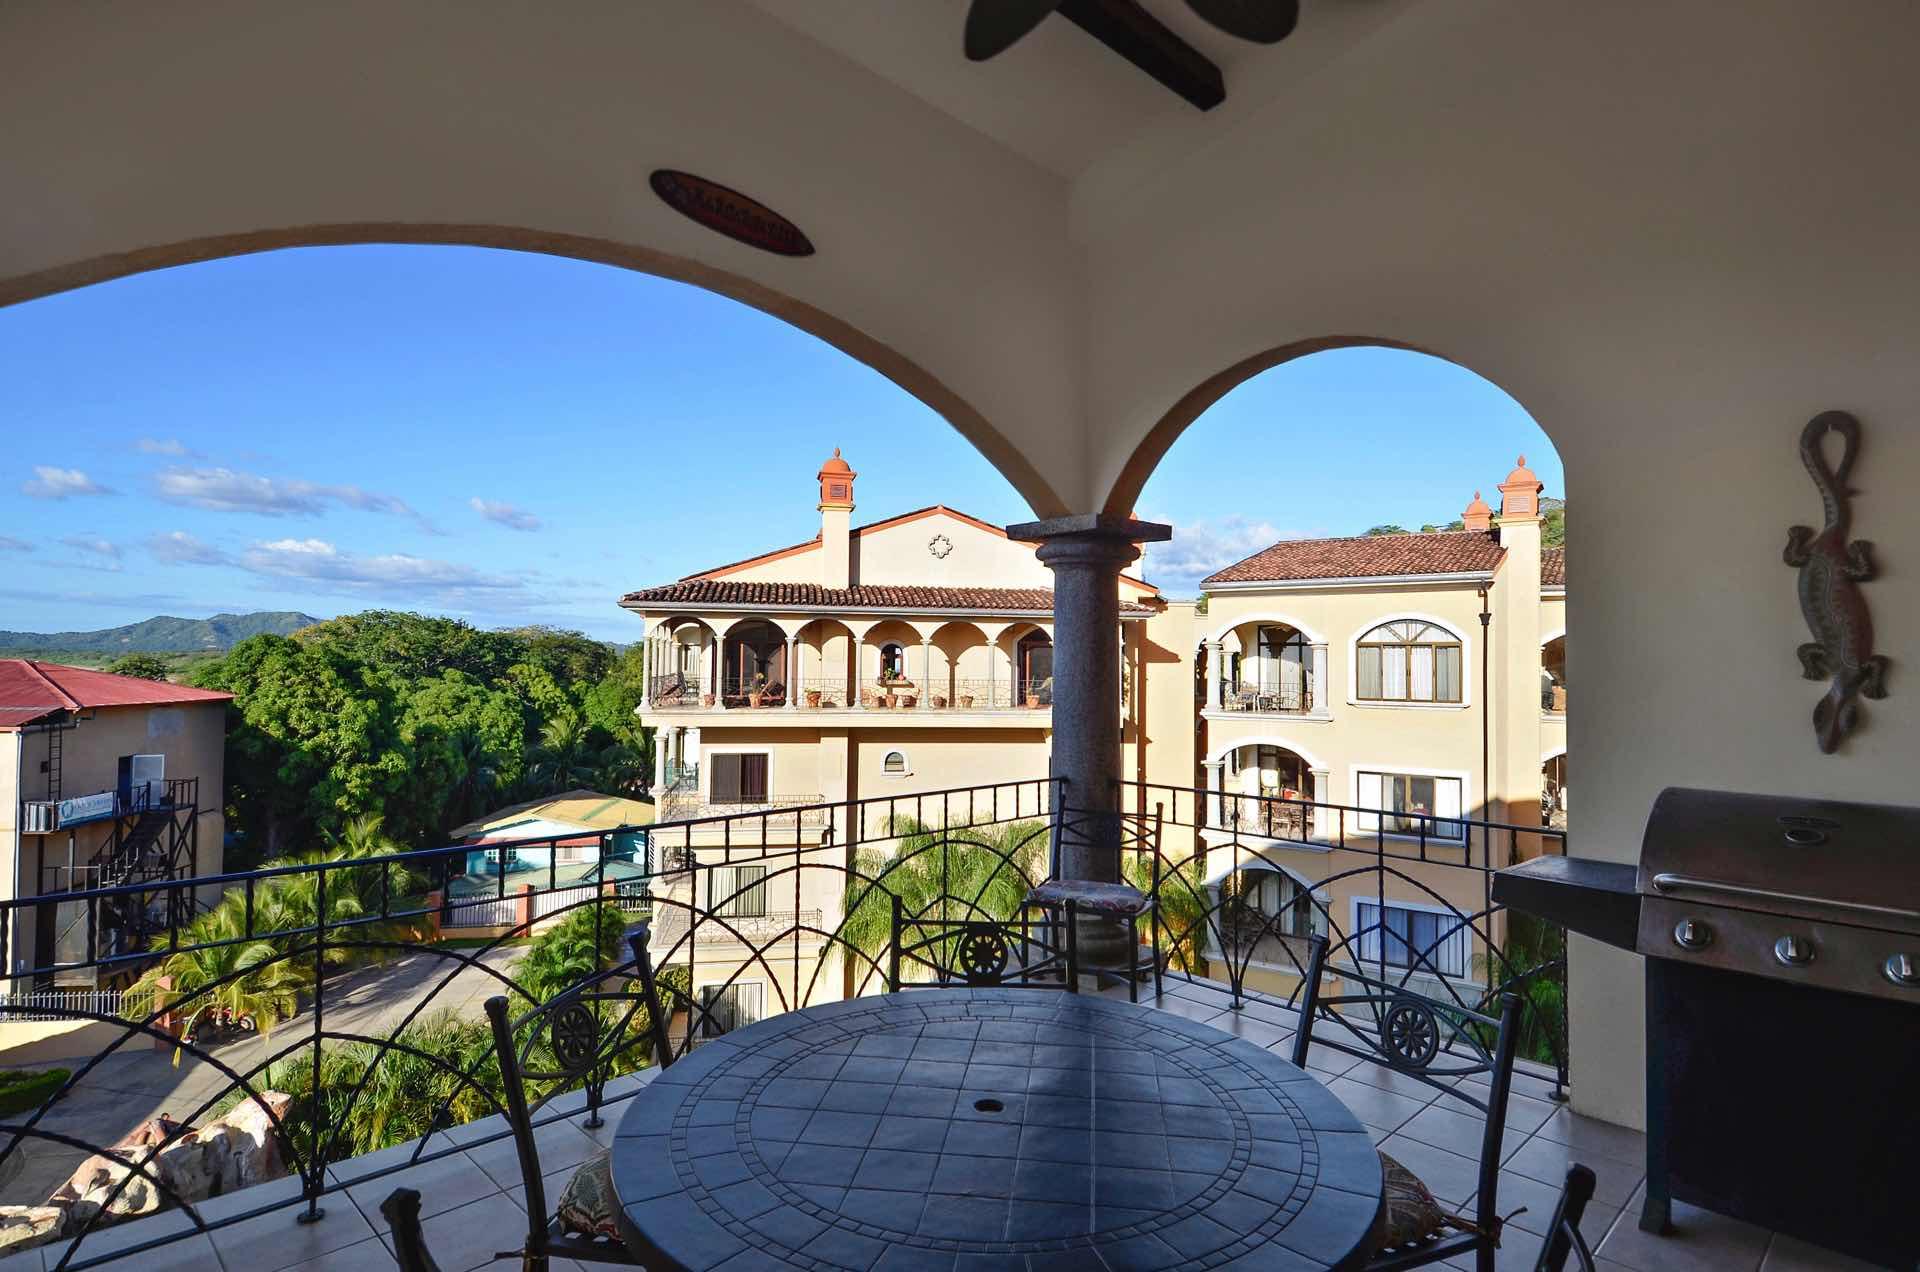 Big balcony with BBQ